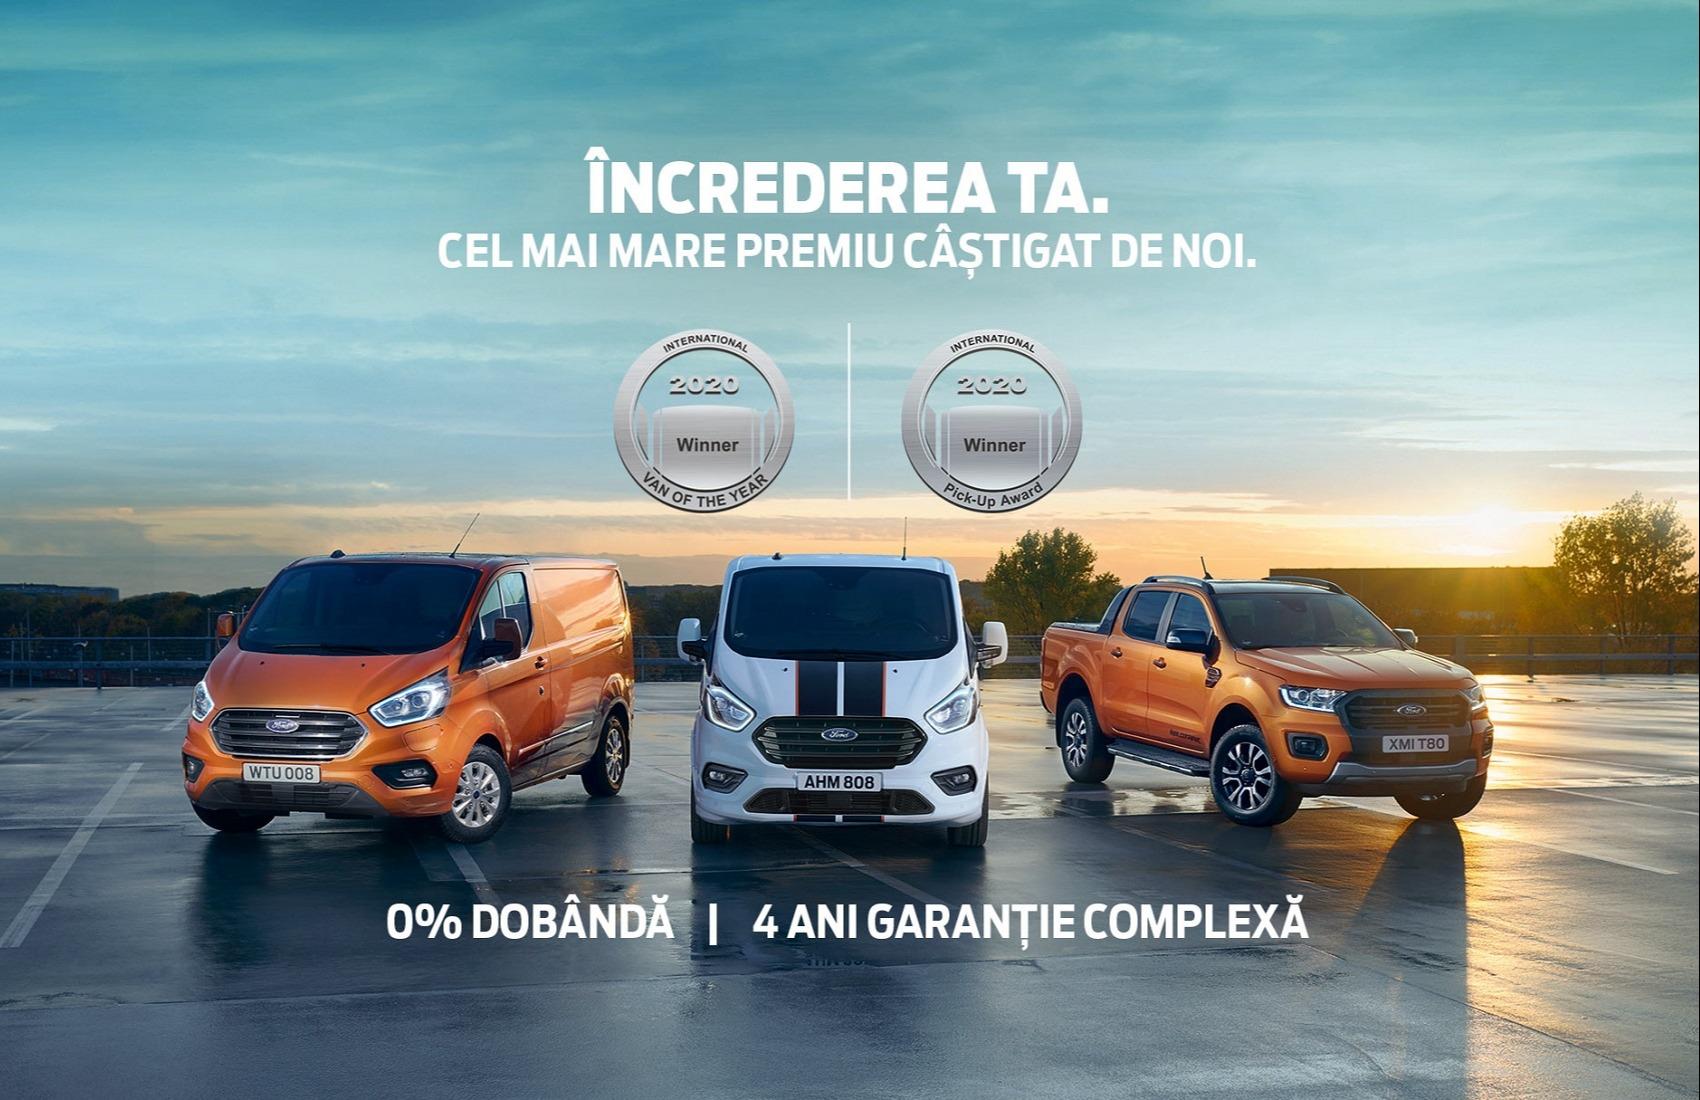 Ford Vehicule Comerciale, pilonul afacerii tale!